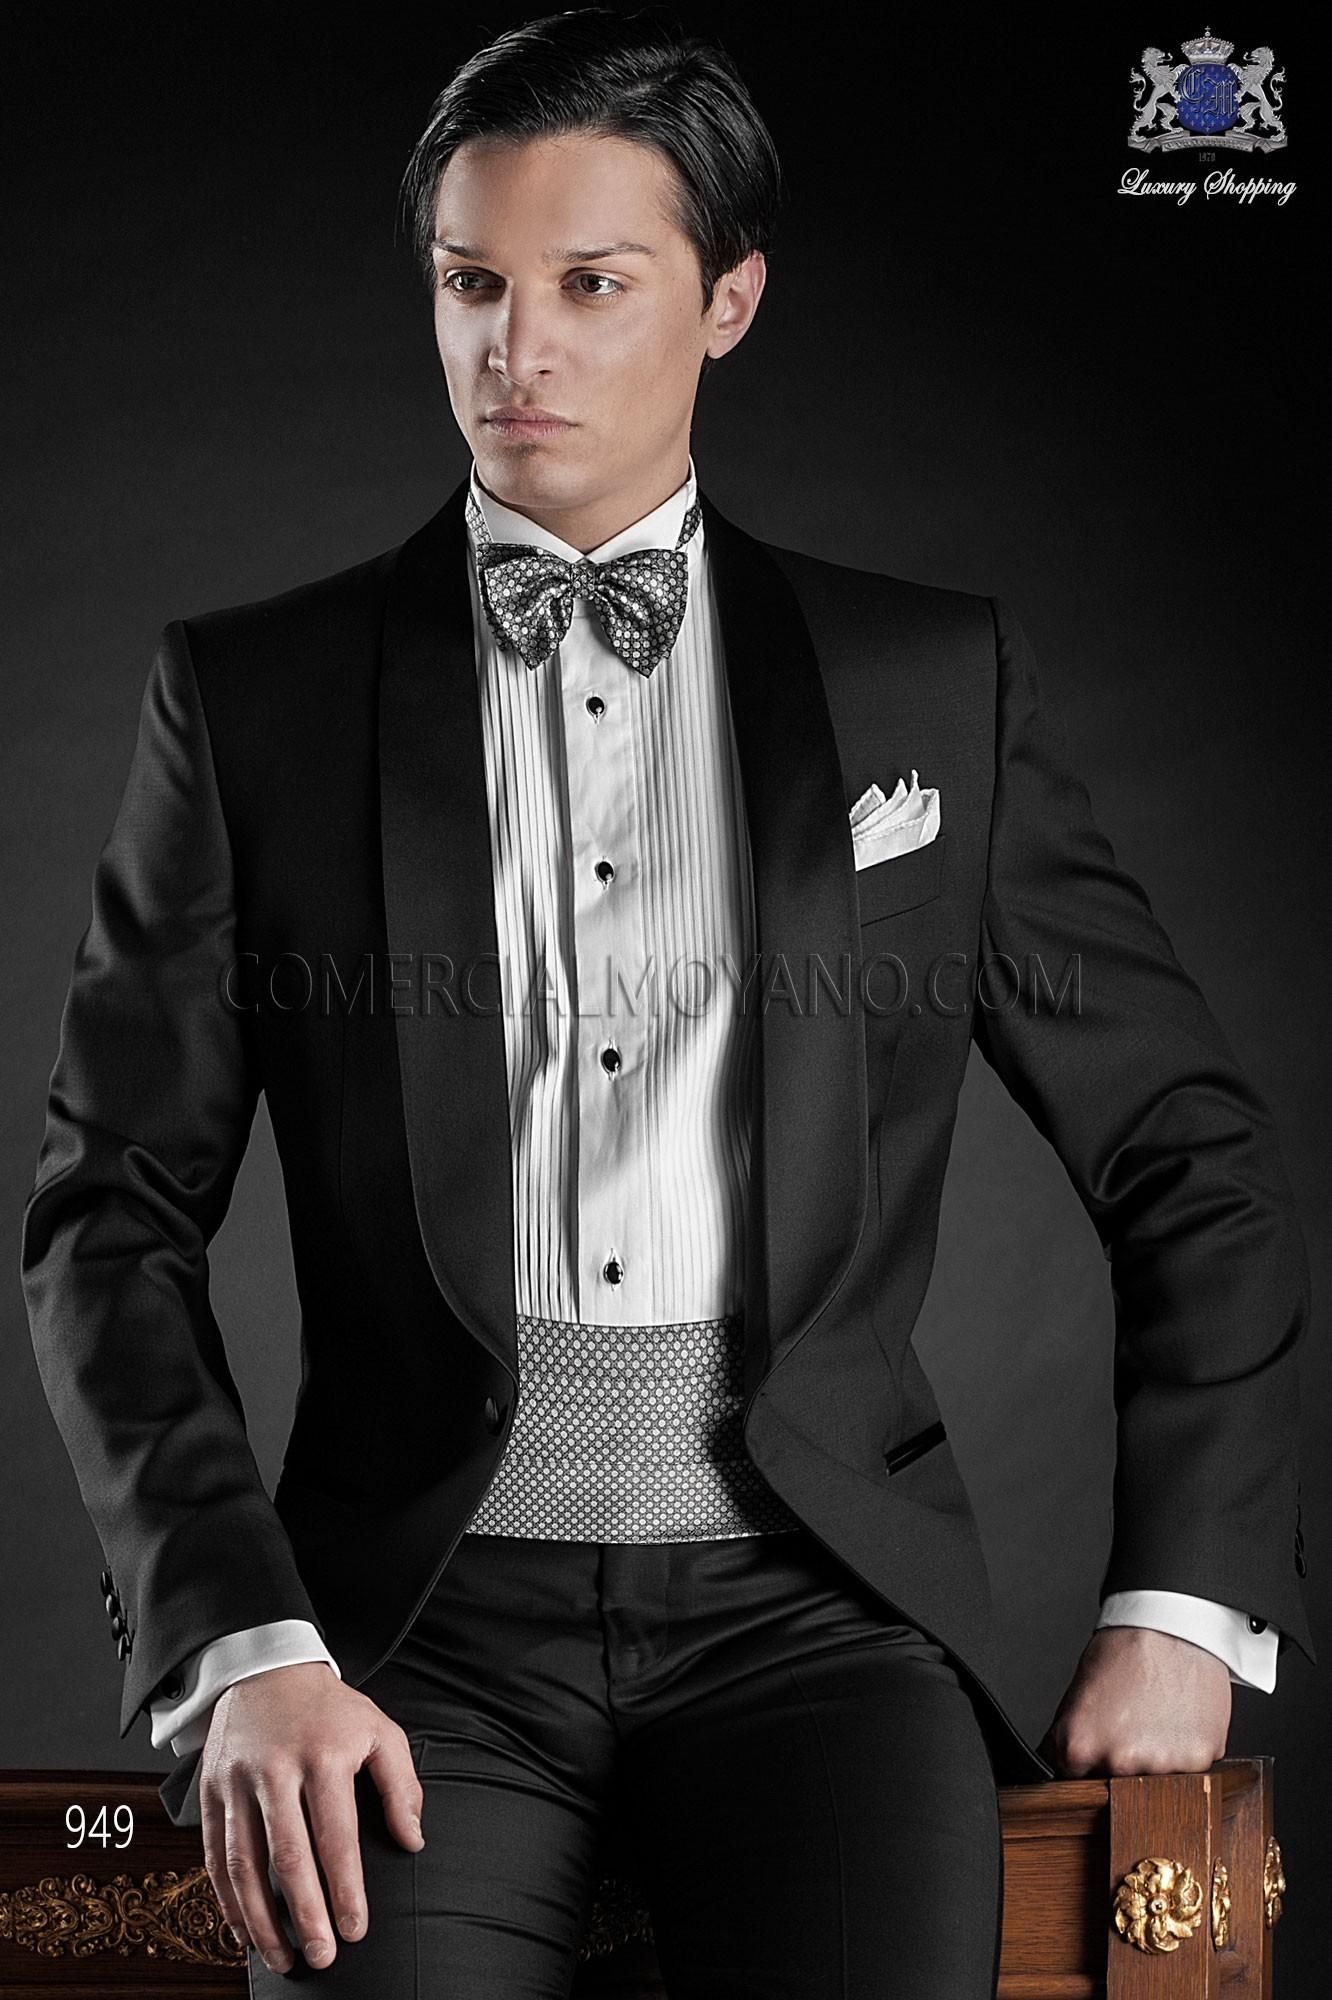 Traje de fiesta hombre negro modelo: 949 Ottavio Nuccio Gala colección Black Tie